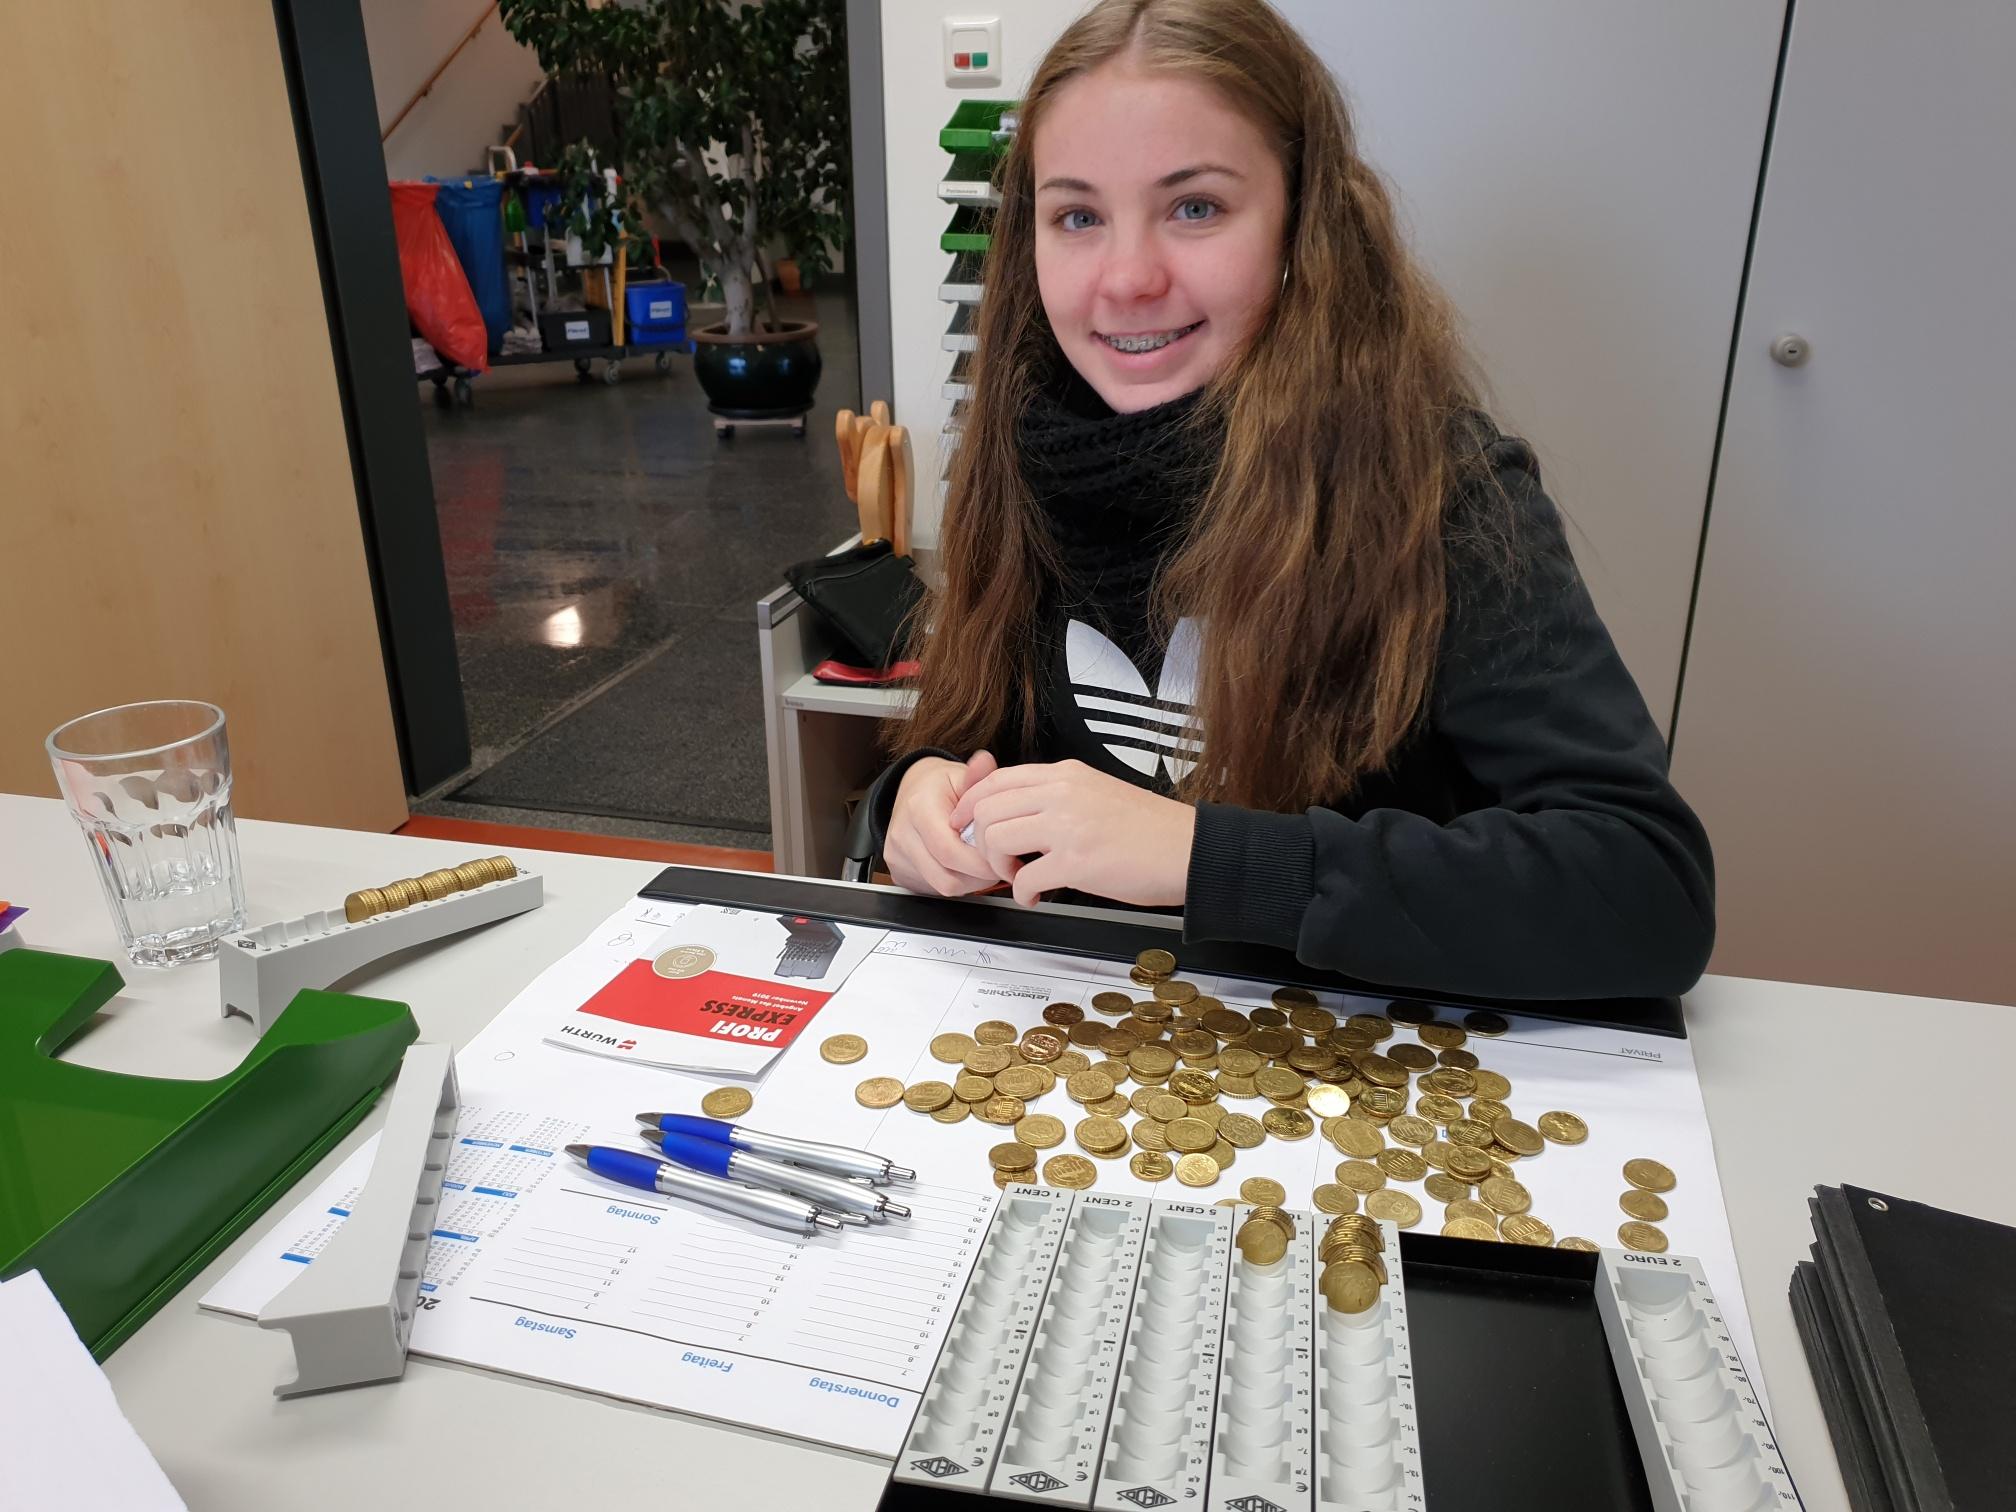 Gewissenhaft zählt Schnupperpraktikantin Charlotte Graupner Geld.